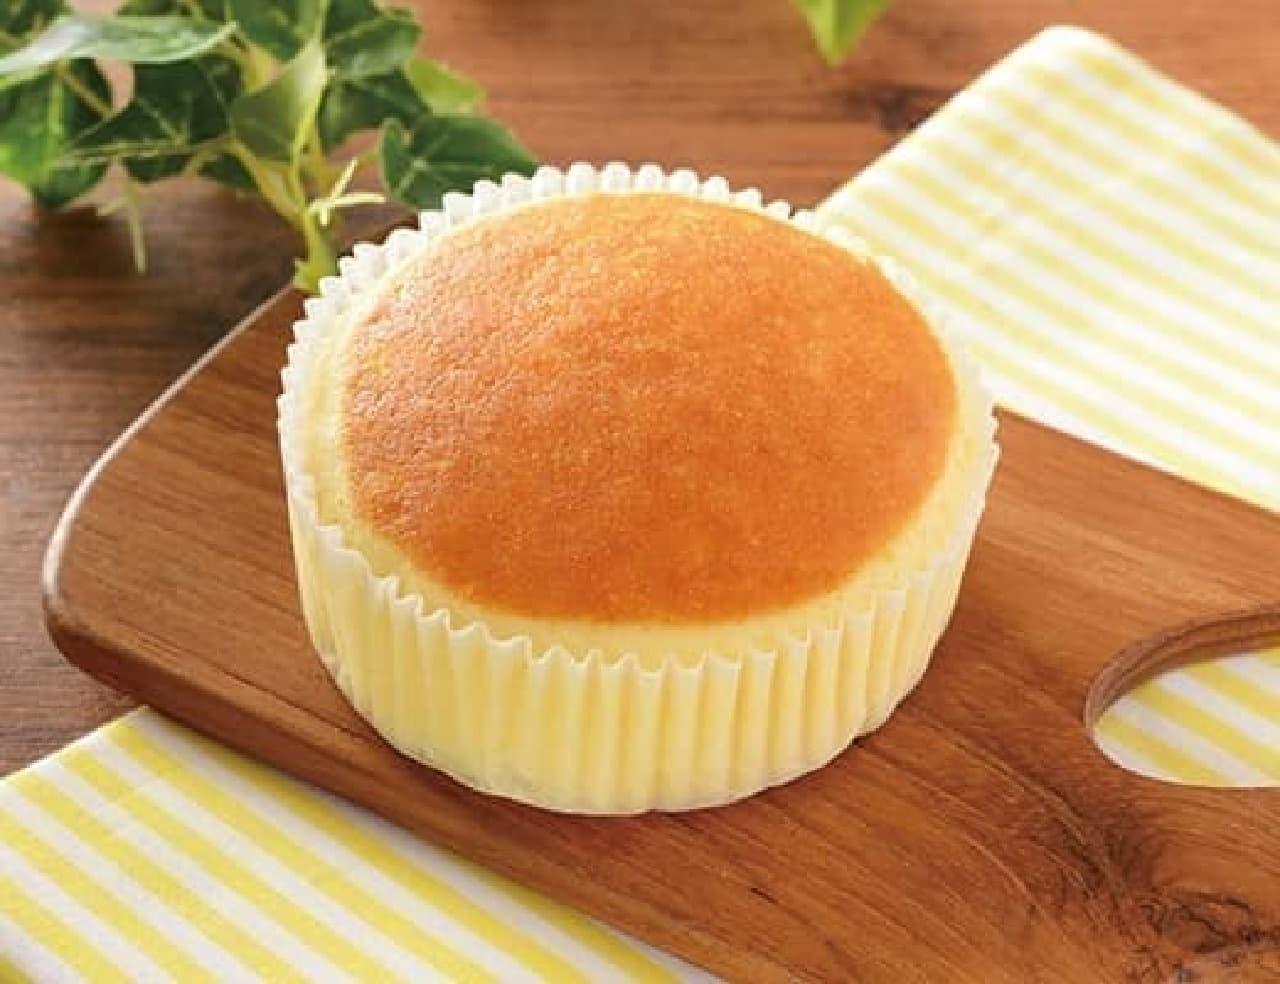 ローソン「チーズリッチ蒸しケーキ ラムレーズン入」